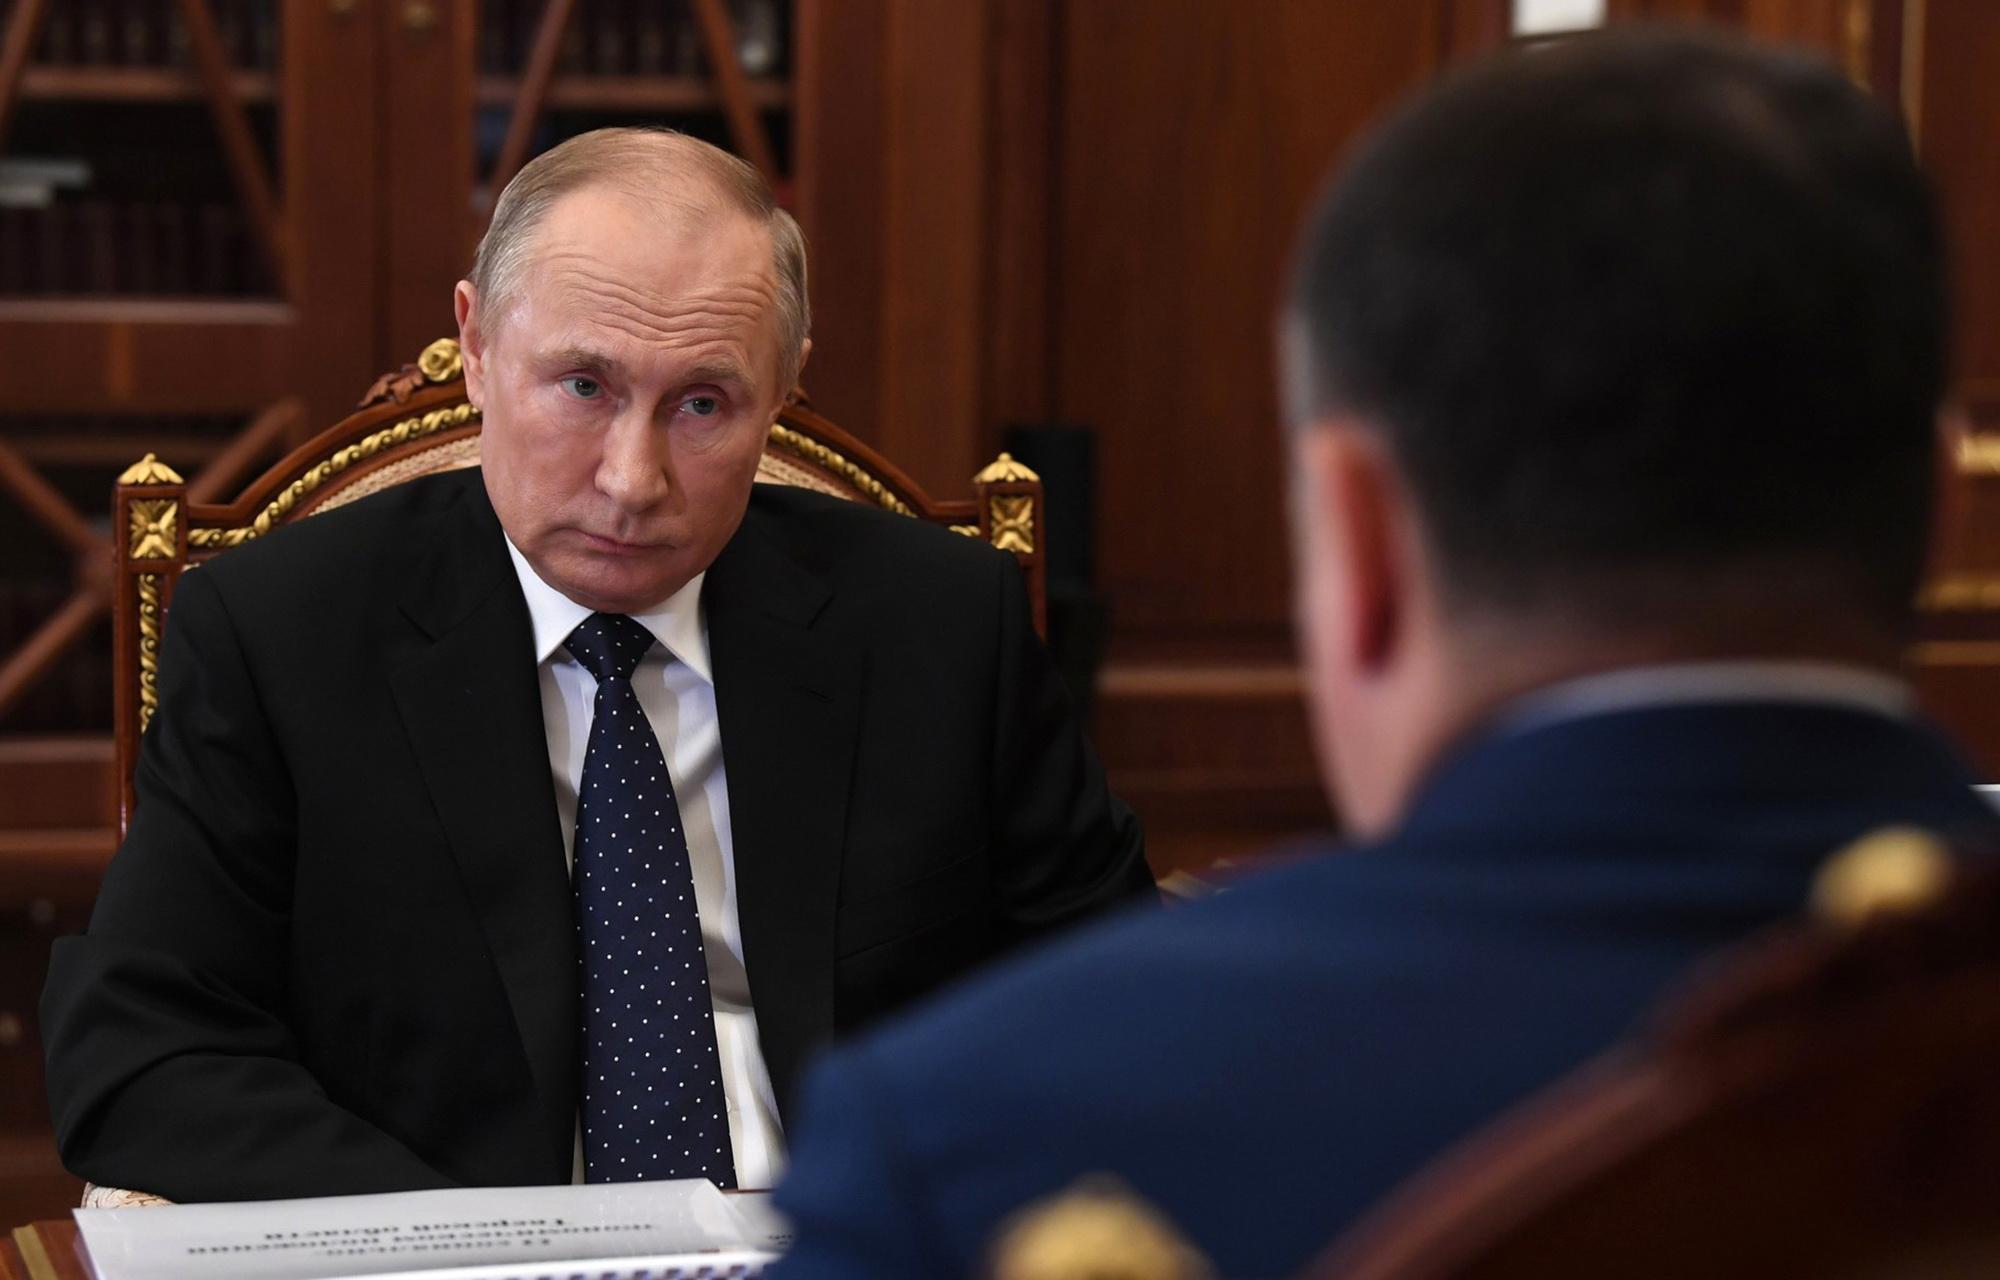 Губернатор Игорь Руденя рассказал Владимиру Путину о пандемии в Тверской области